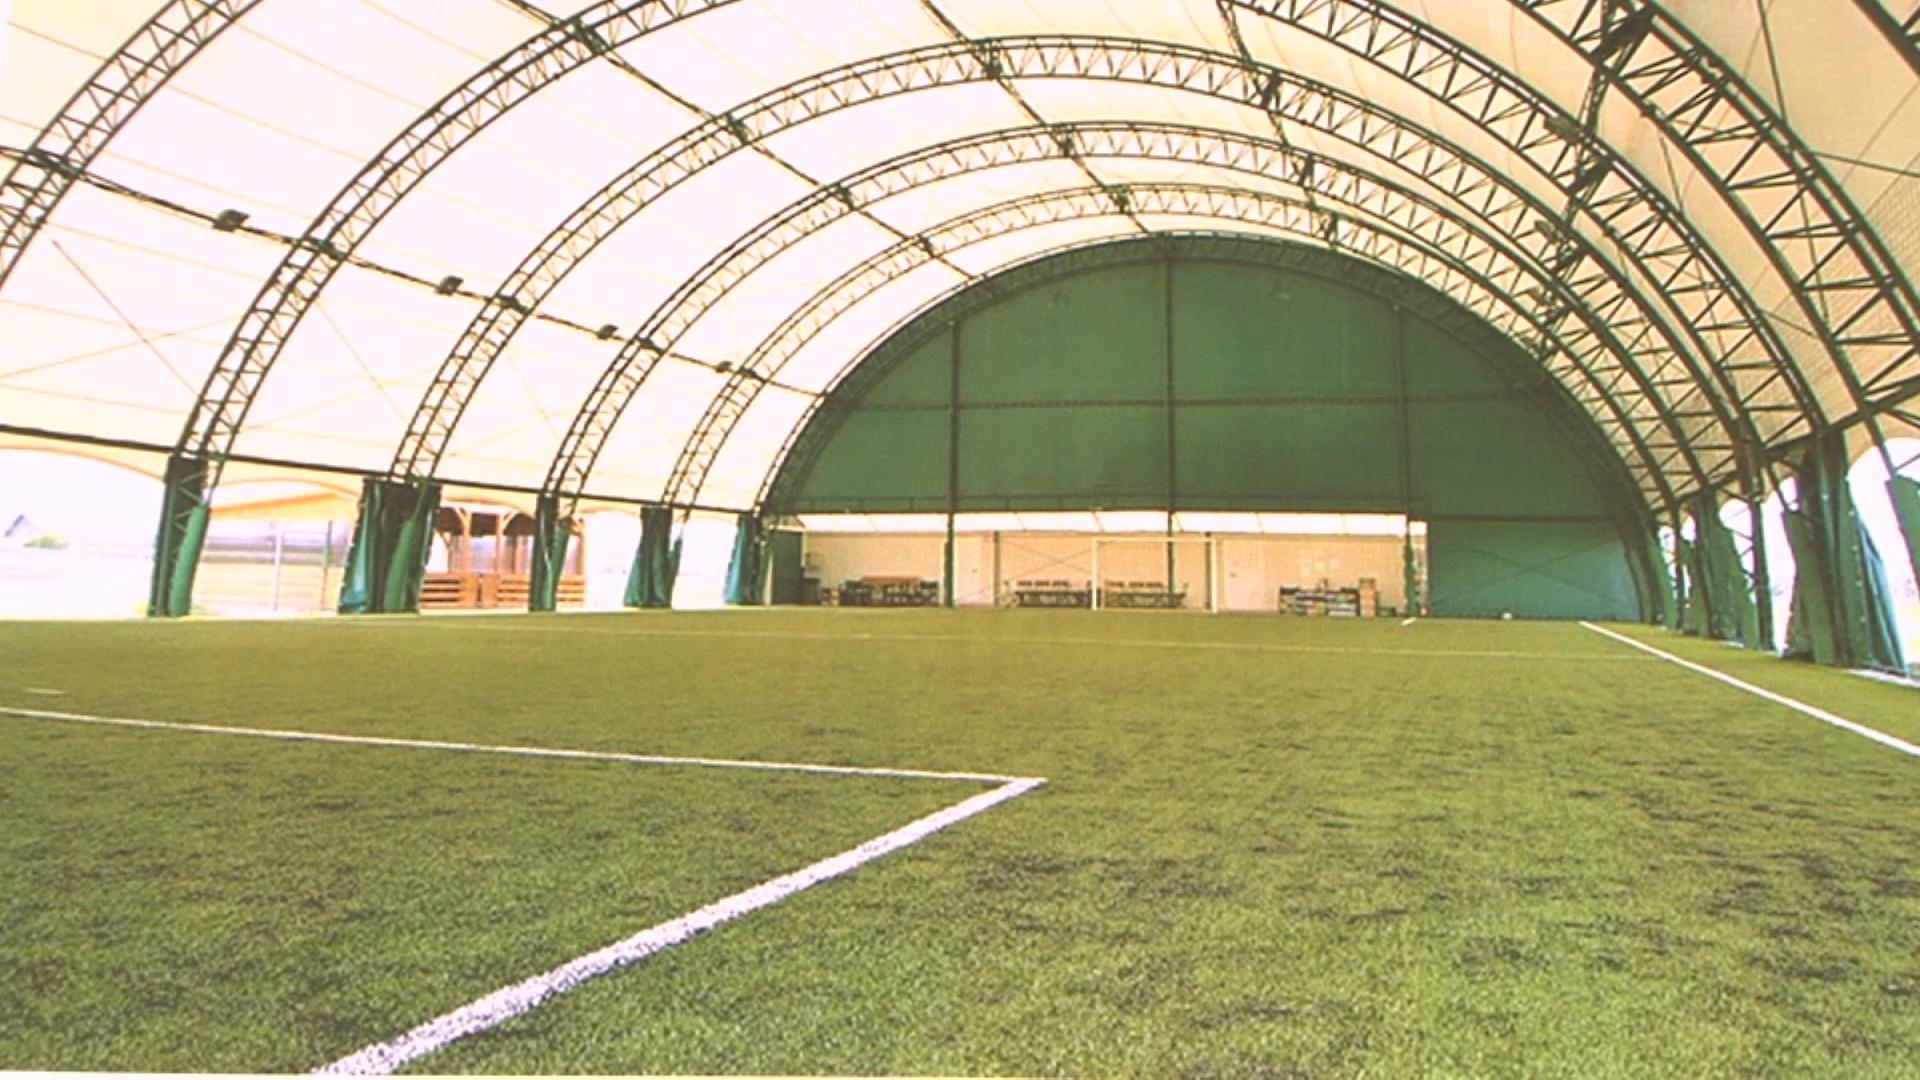 В Лиде начался монтаж каркаса крытой площадки для игры в мини-футбол.